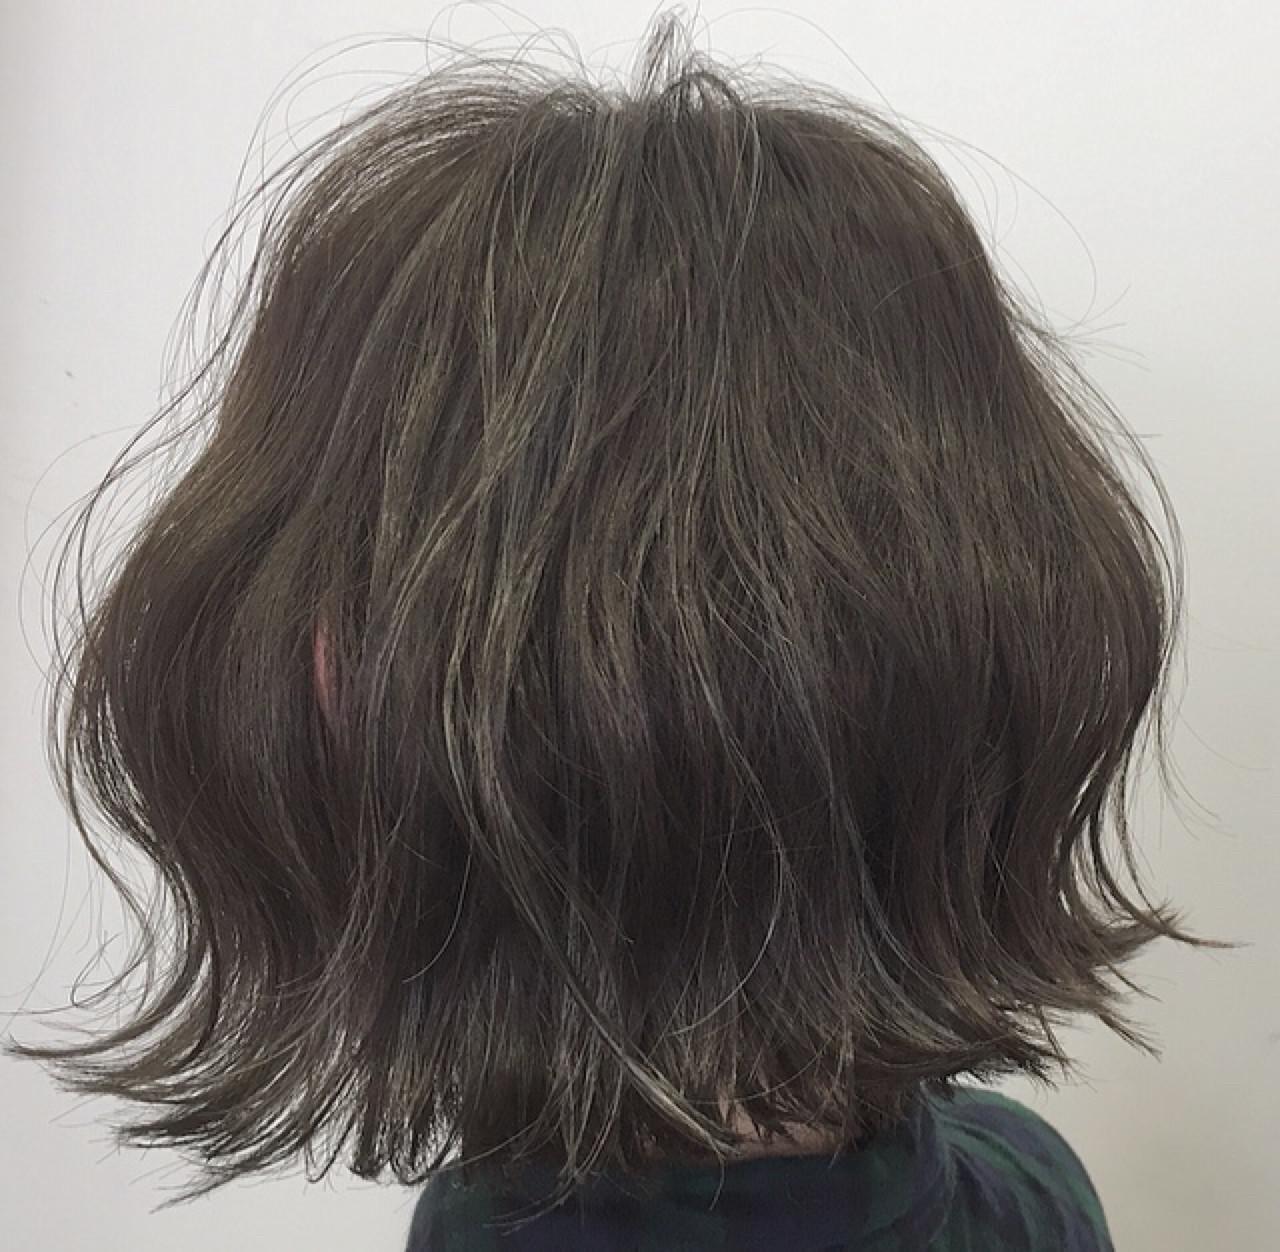 ボブ 切りっぱなし ハイライト ナチュラル ヘアスタイルや髪型の写真・画像